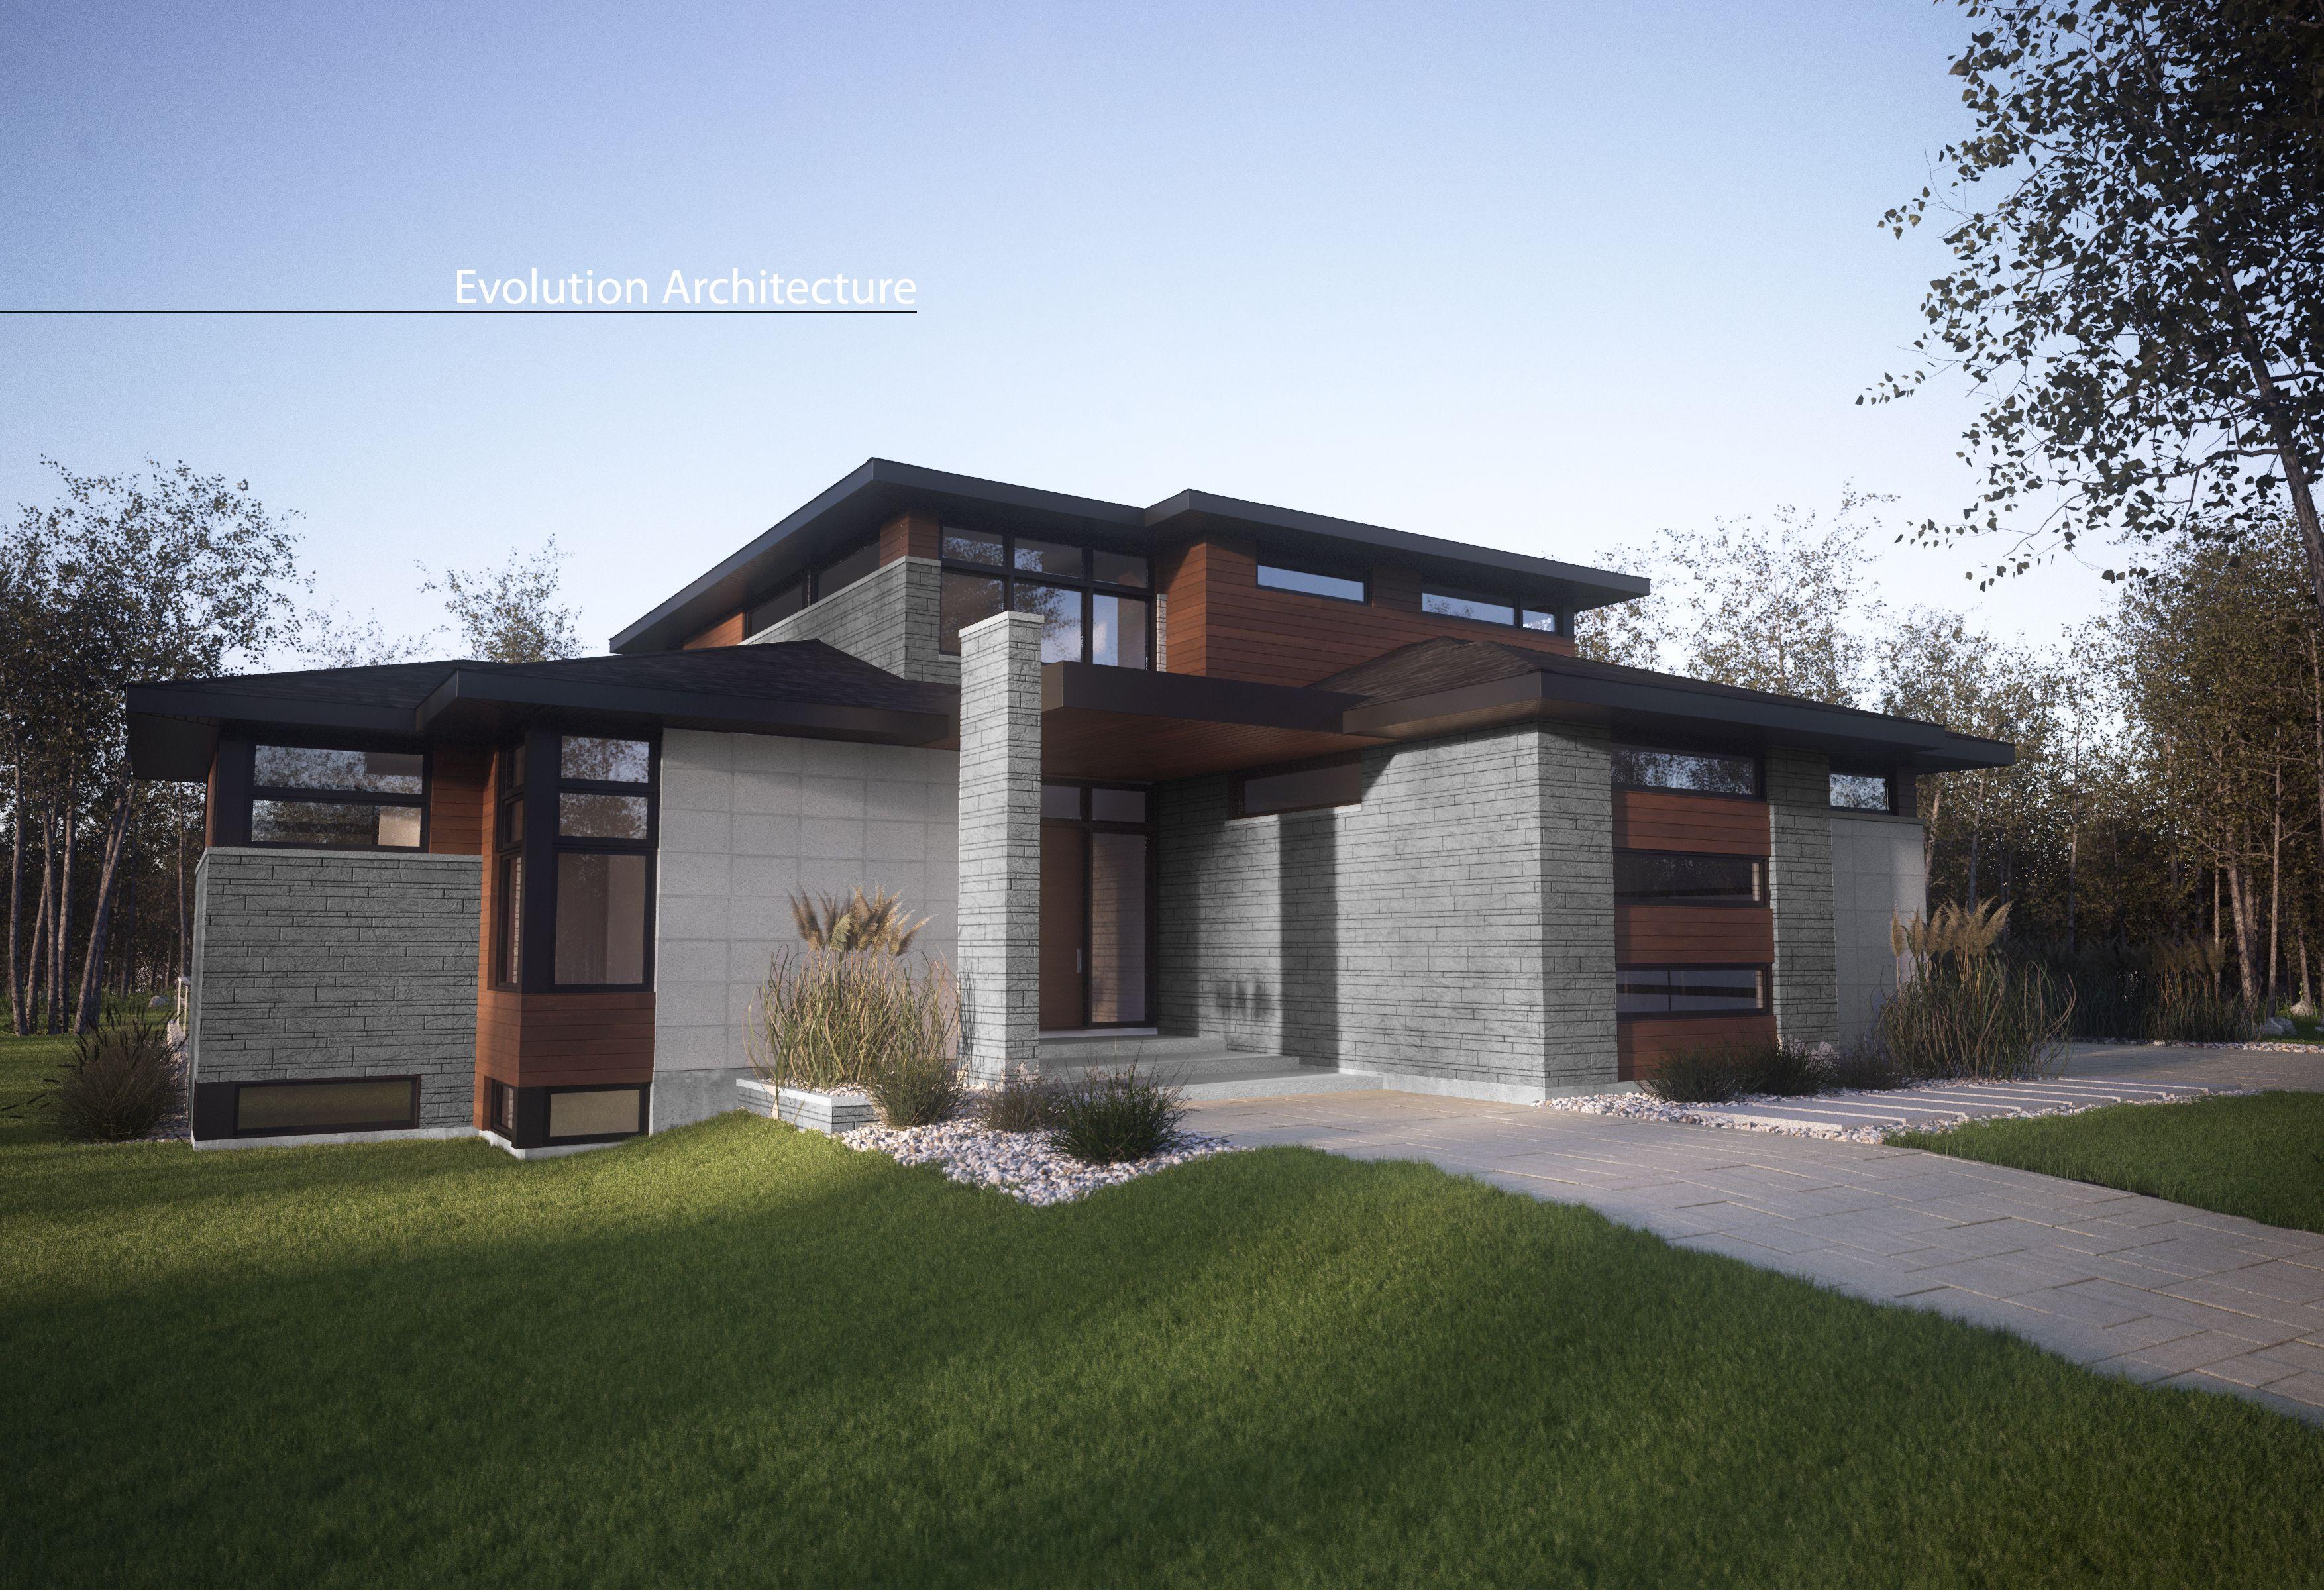 Evolution Architecture, Maison Contemporaine, Cr Ation Exclusive E 887